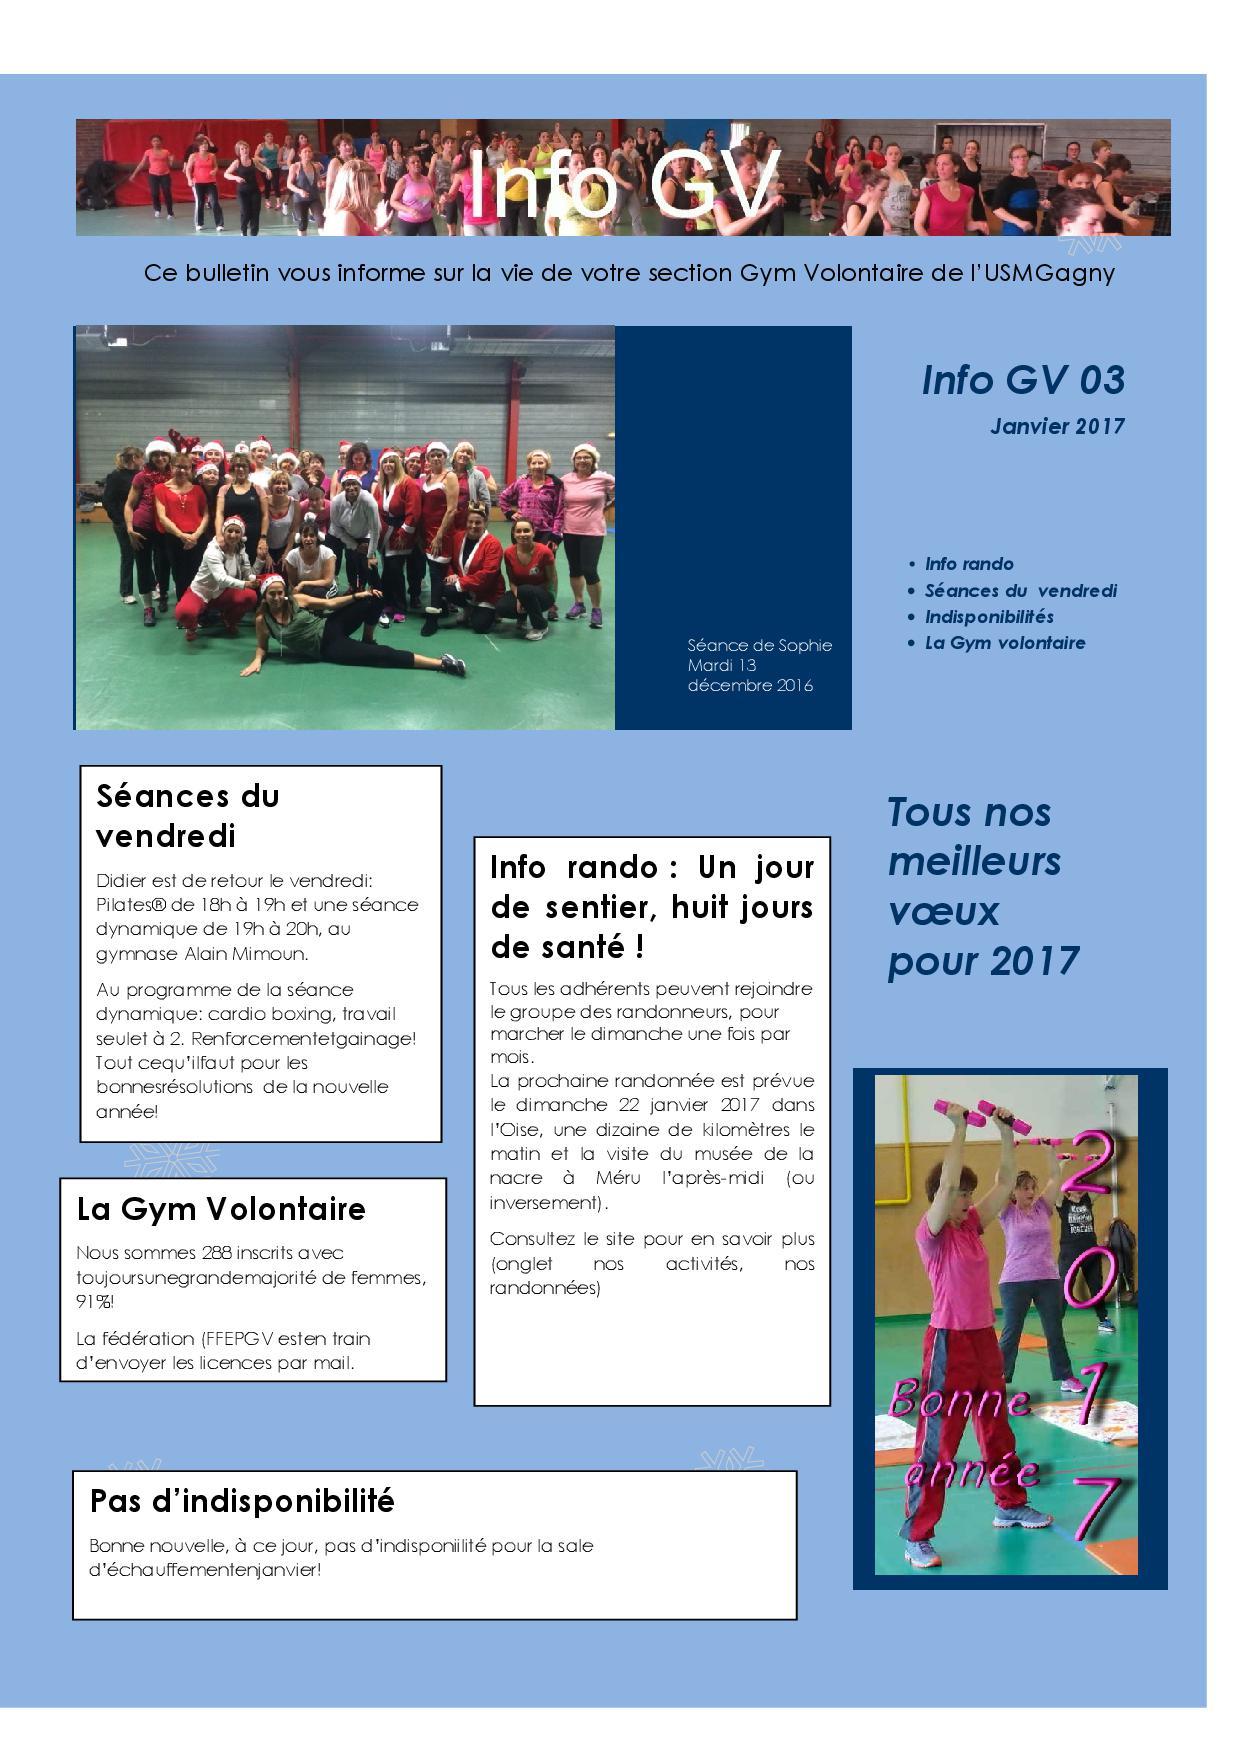 Info gv 03